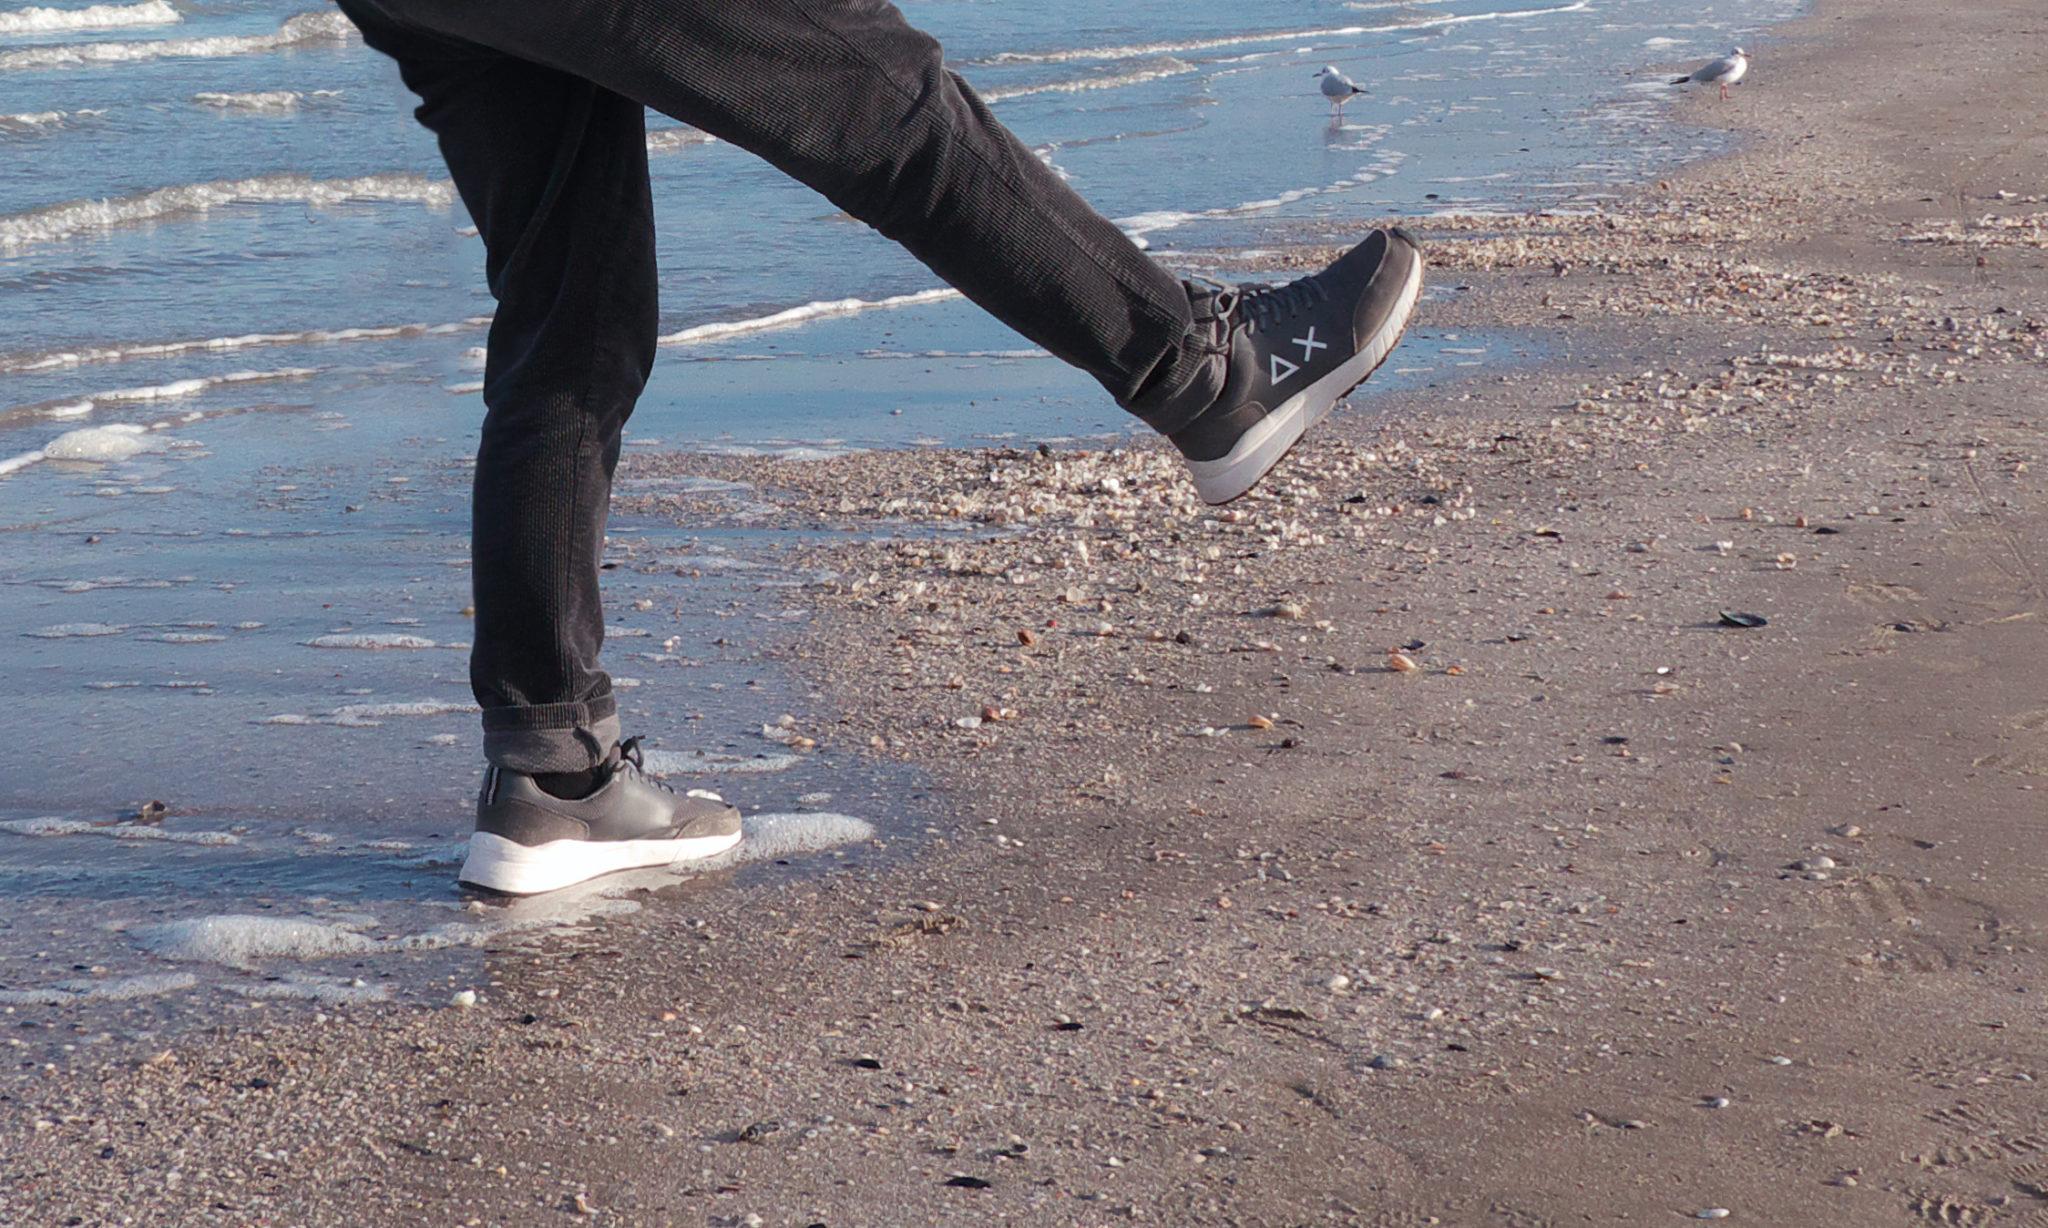 Al mare non con un asciugamano ma con il plaid, non con qualcosa di fresco ma con una bevanda calda. Questa l'idea della Spiaggia del Sole a Riccione